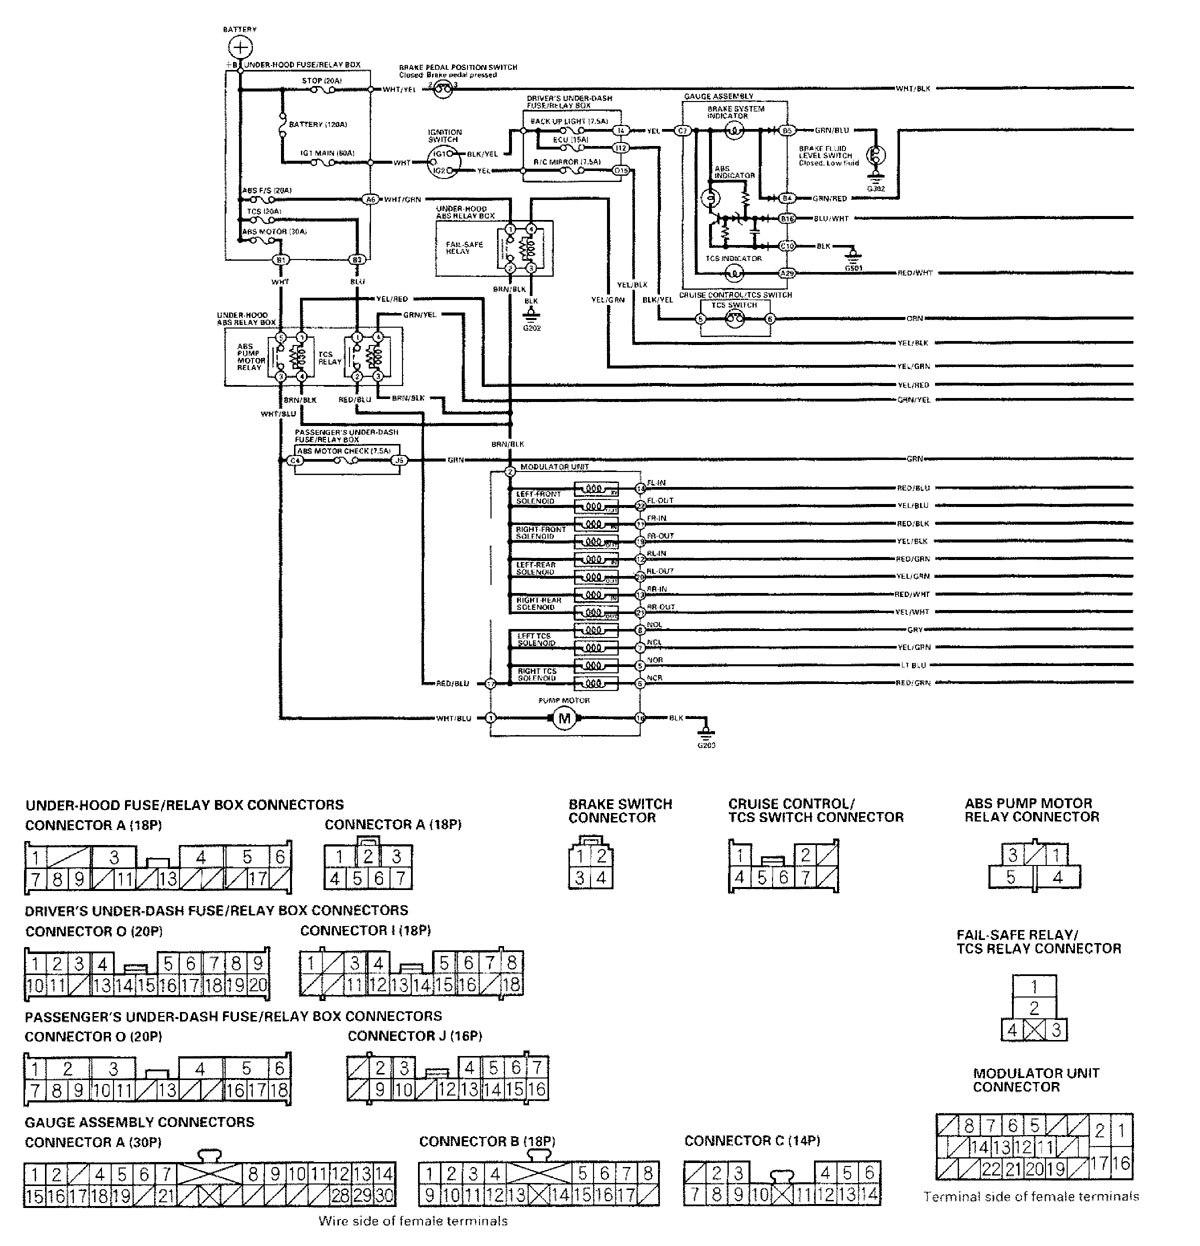 acura tl  2000 - 2002  - wiring diagrams